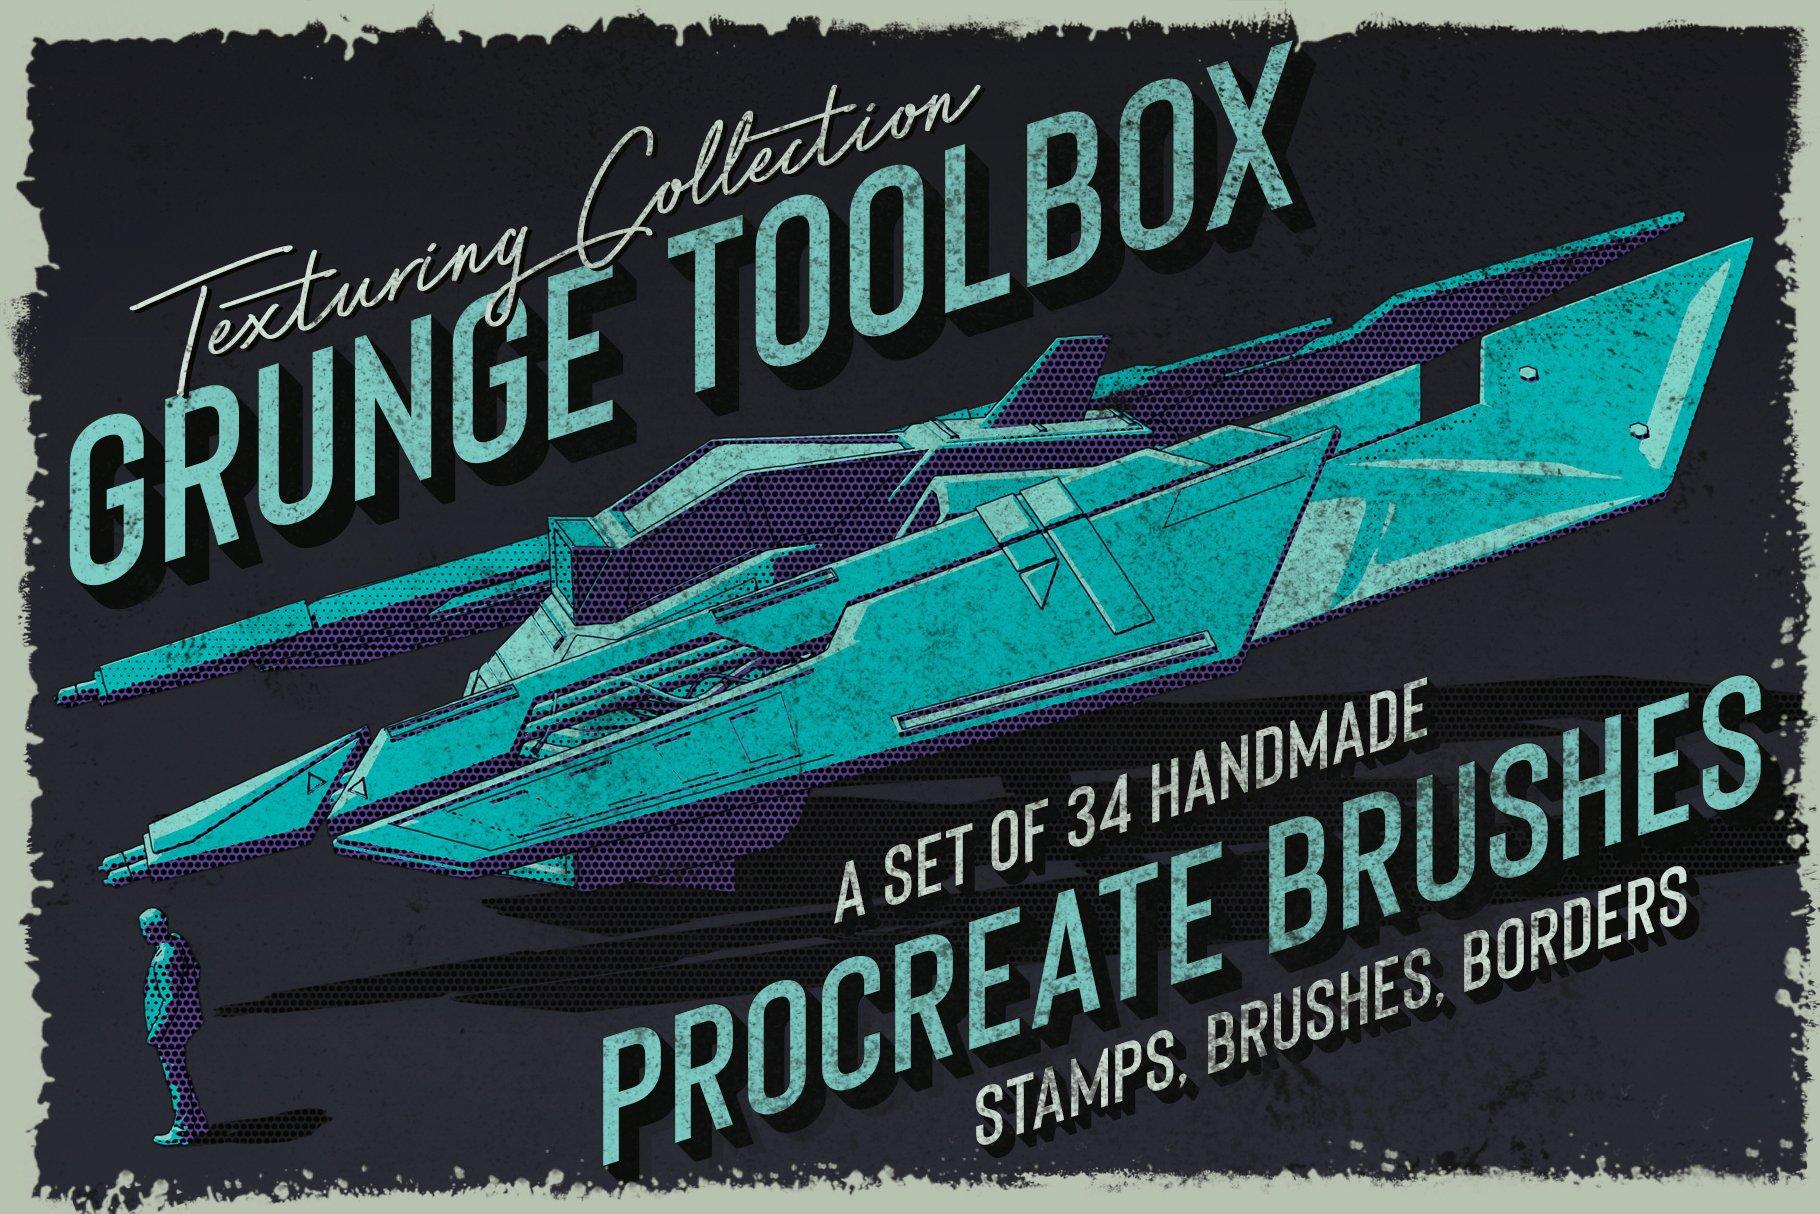 [淘宝购买] 400多款绘画画笔iPad Procreate笔刷套装 Procreate Brushes Bundle插图(16)